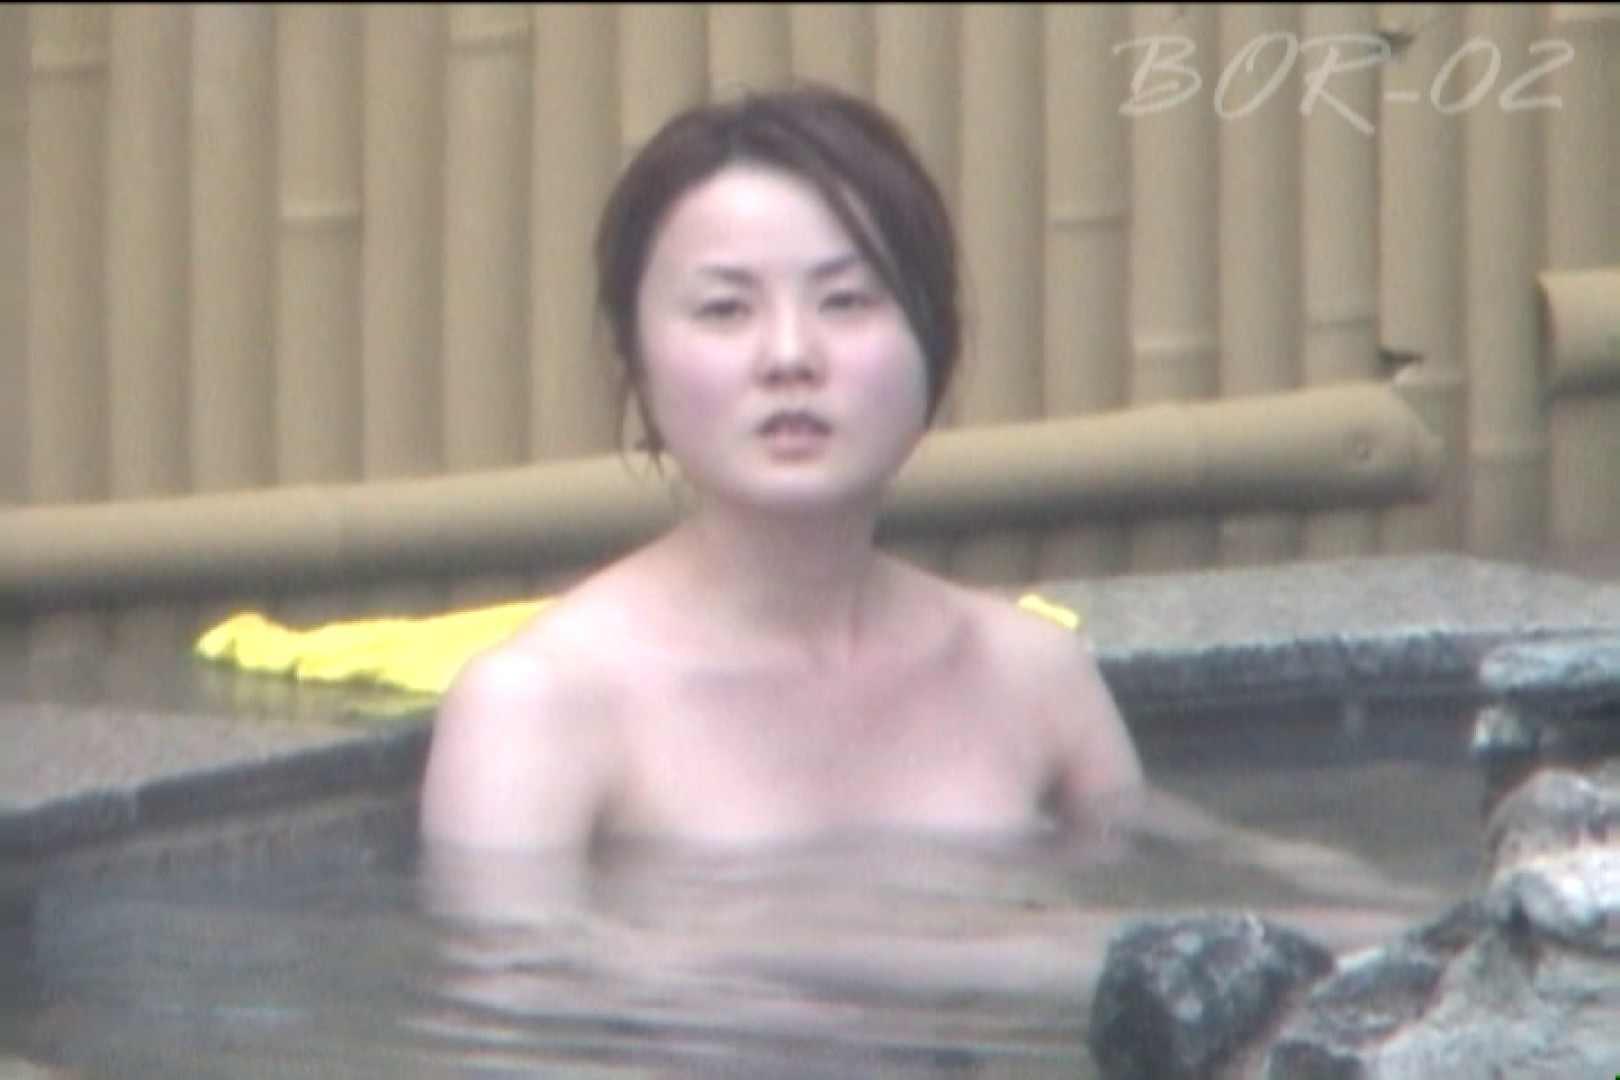 Aquaな露天風呂Vol.474 盗撮シリーズ  111PIX 88